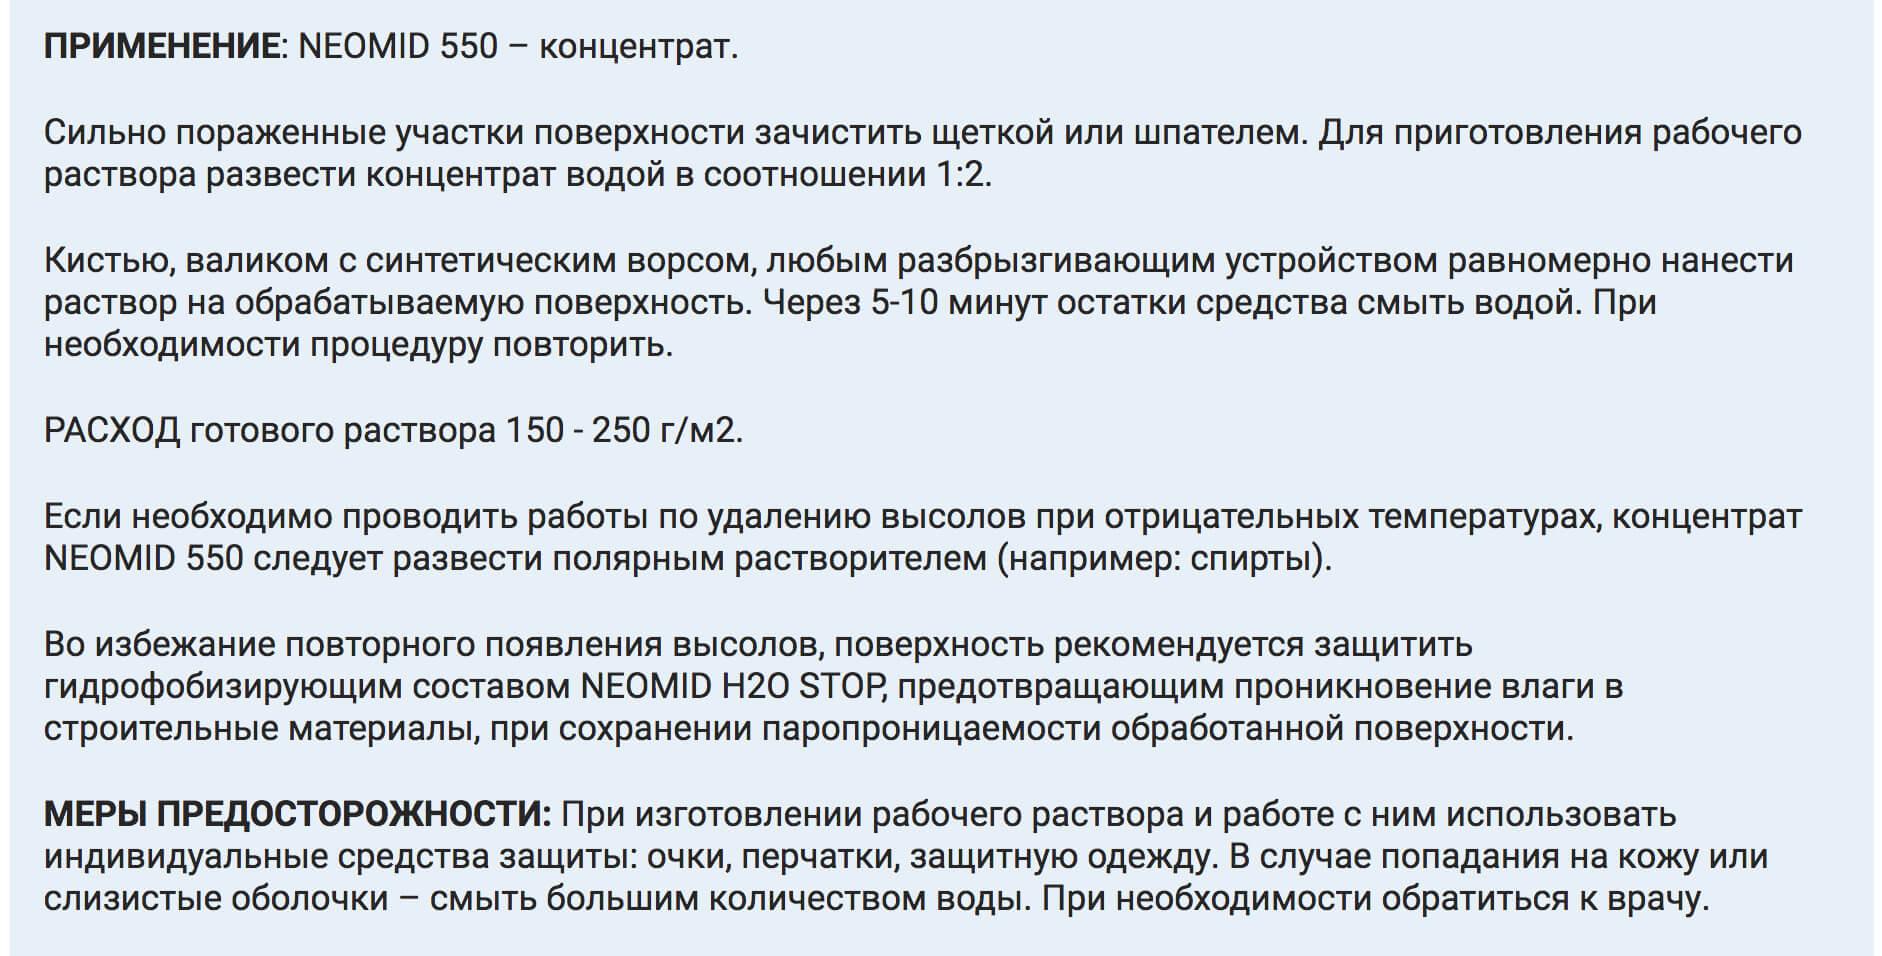 SOSTAV DLYa UDALENIYa VYSOLOV 1.2